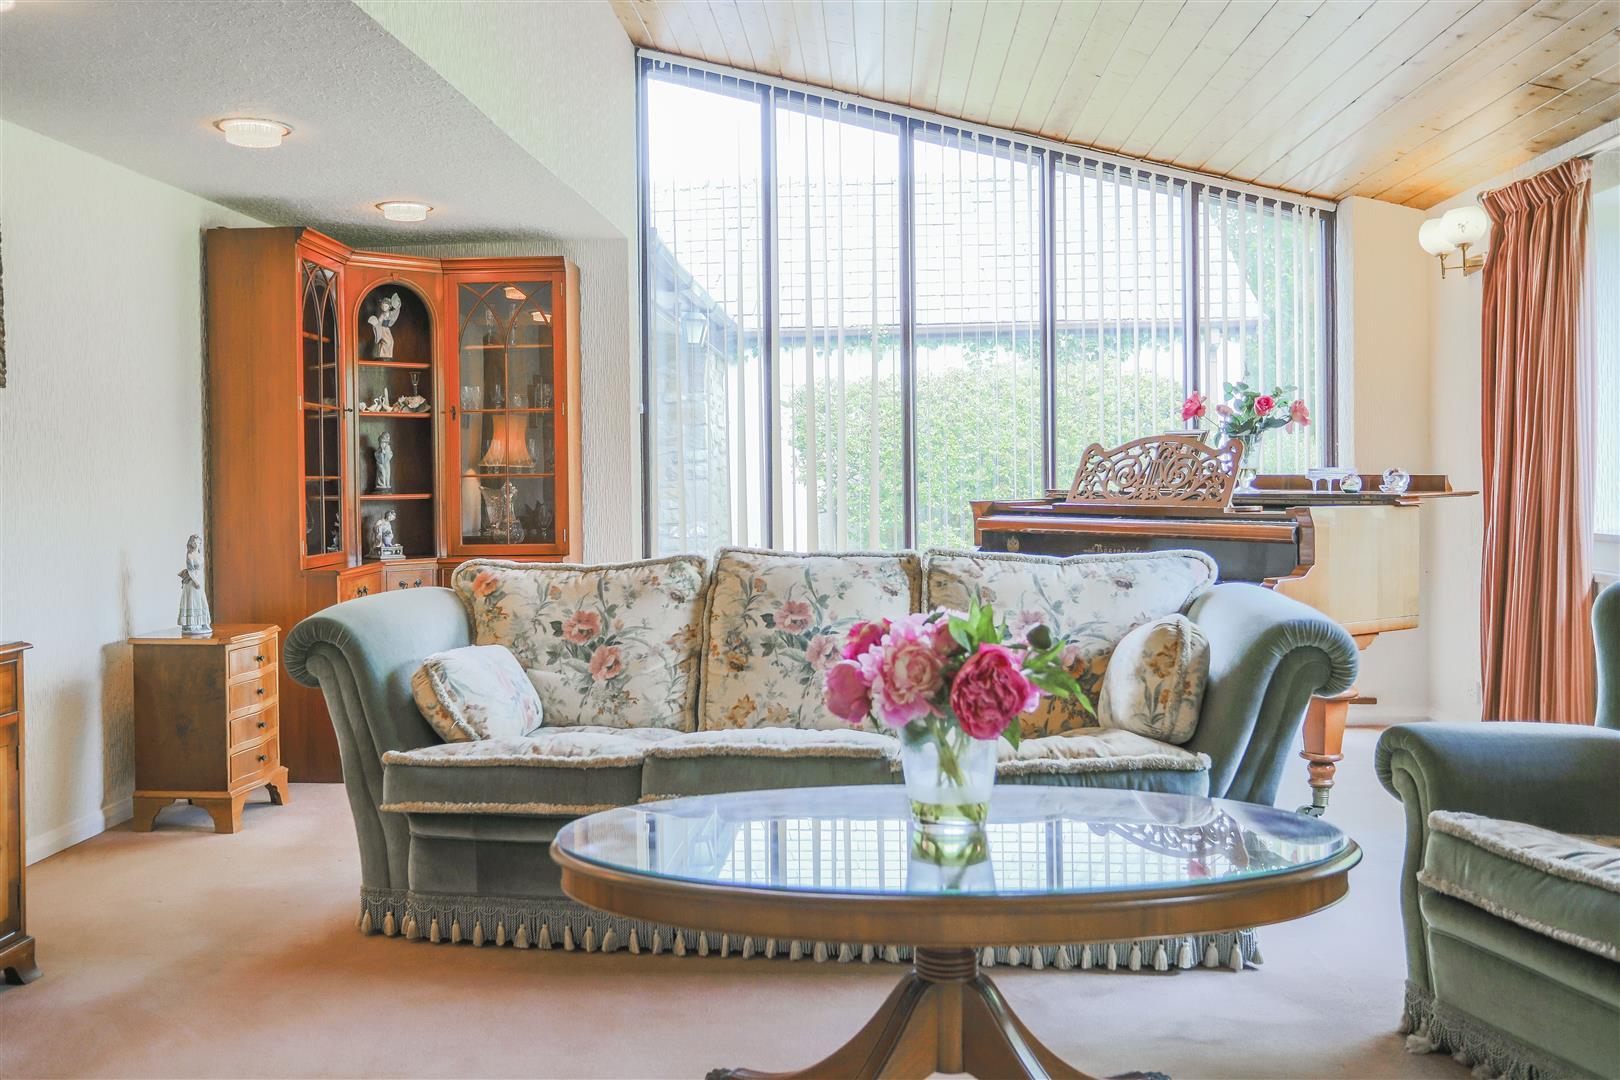 5 Bedroom Farmhouse For Sale - 15.JPG